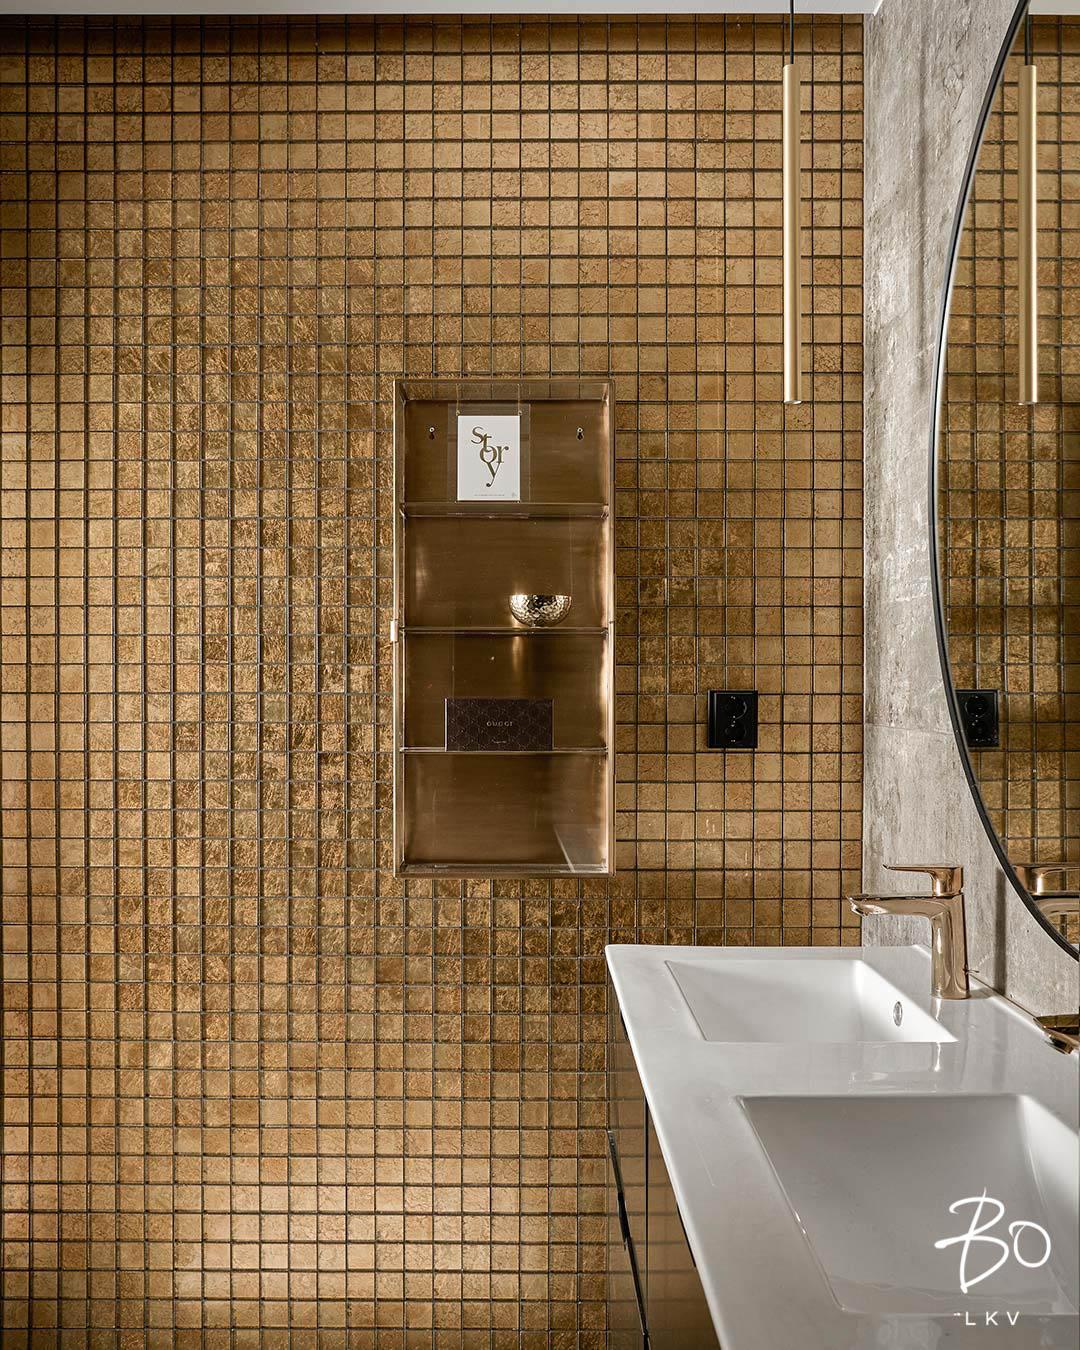 Päämakuuhuoneen kultainen kylpyhuone